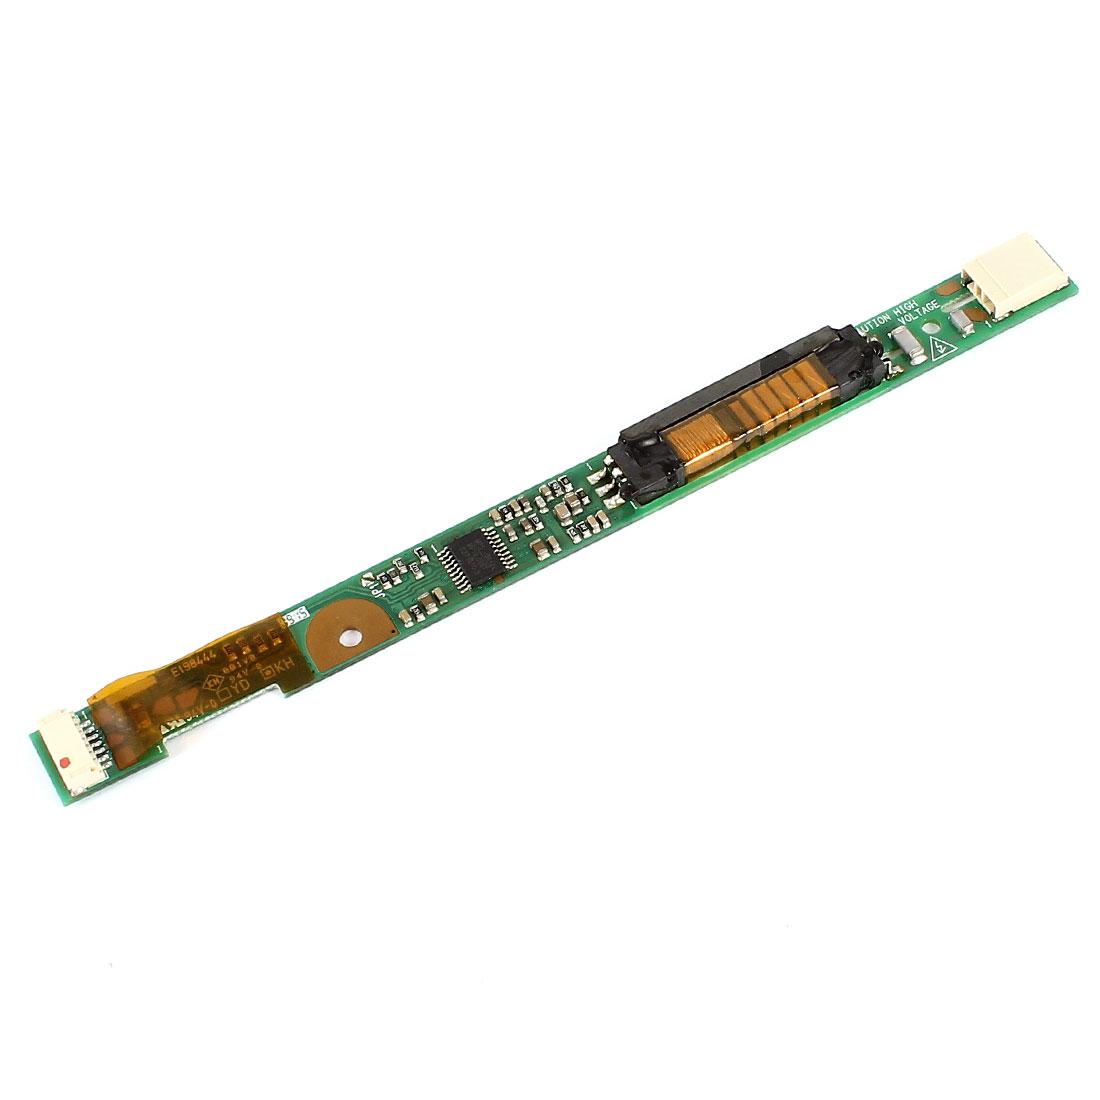 Laptop LCD Screen Display Inverter for HP DV4 CQ40 CQ45 520 500